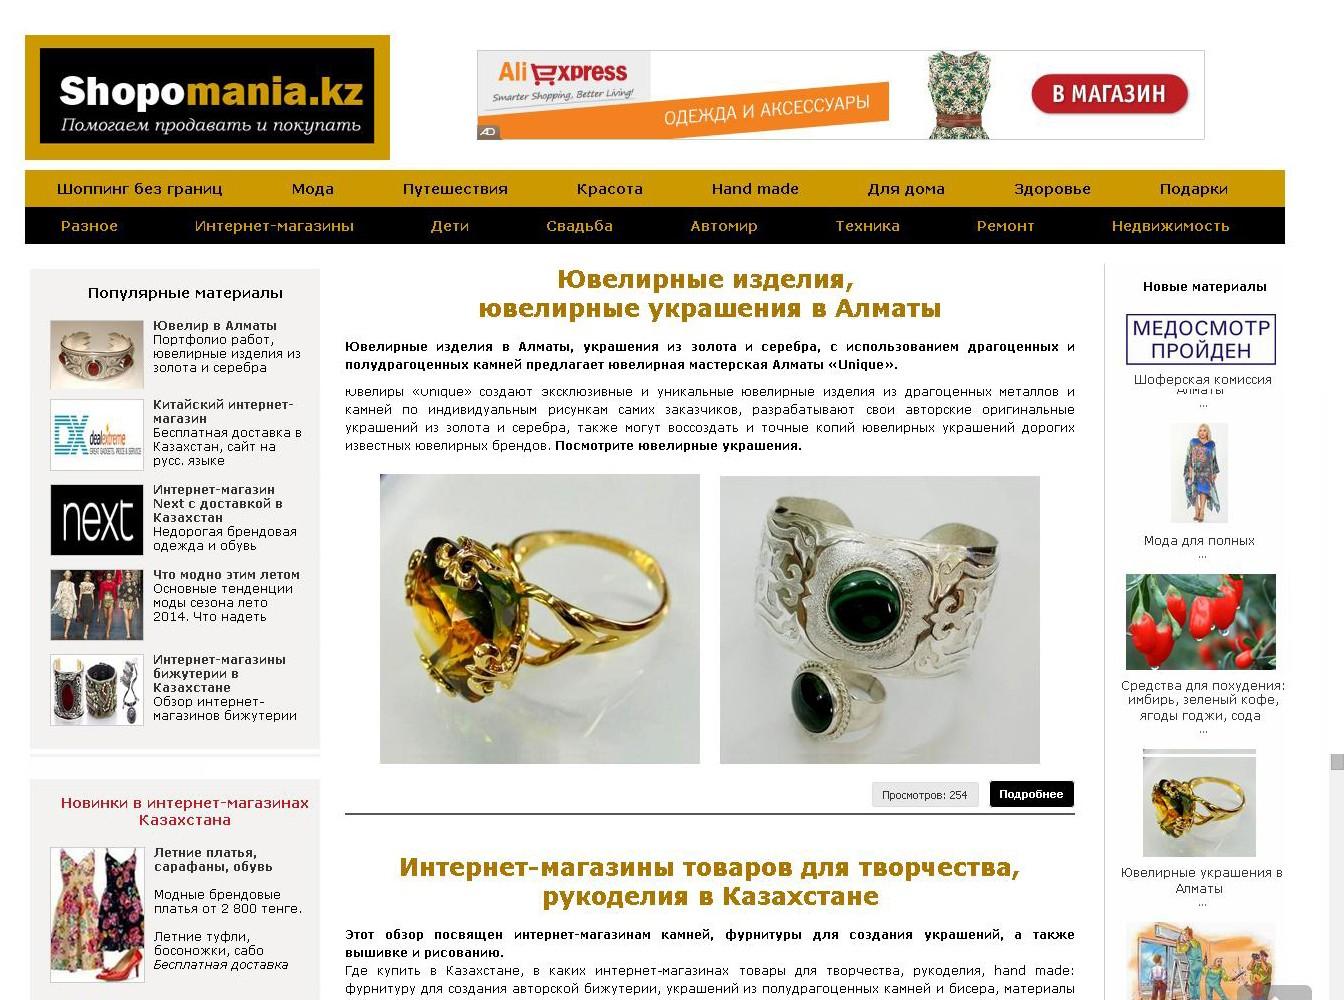 более казахстанский интернет магазин гипермаркет вам необходимо